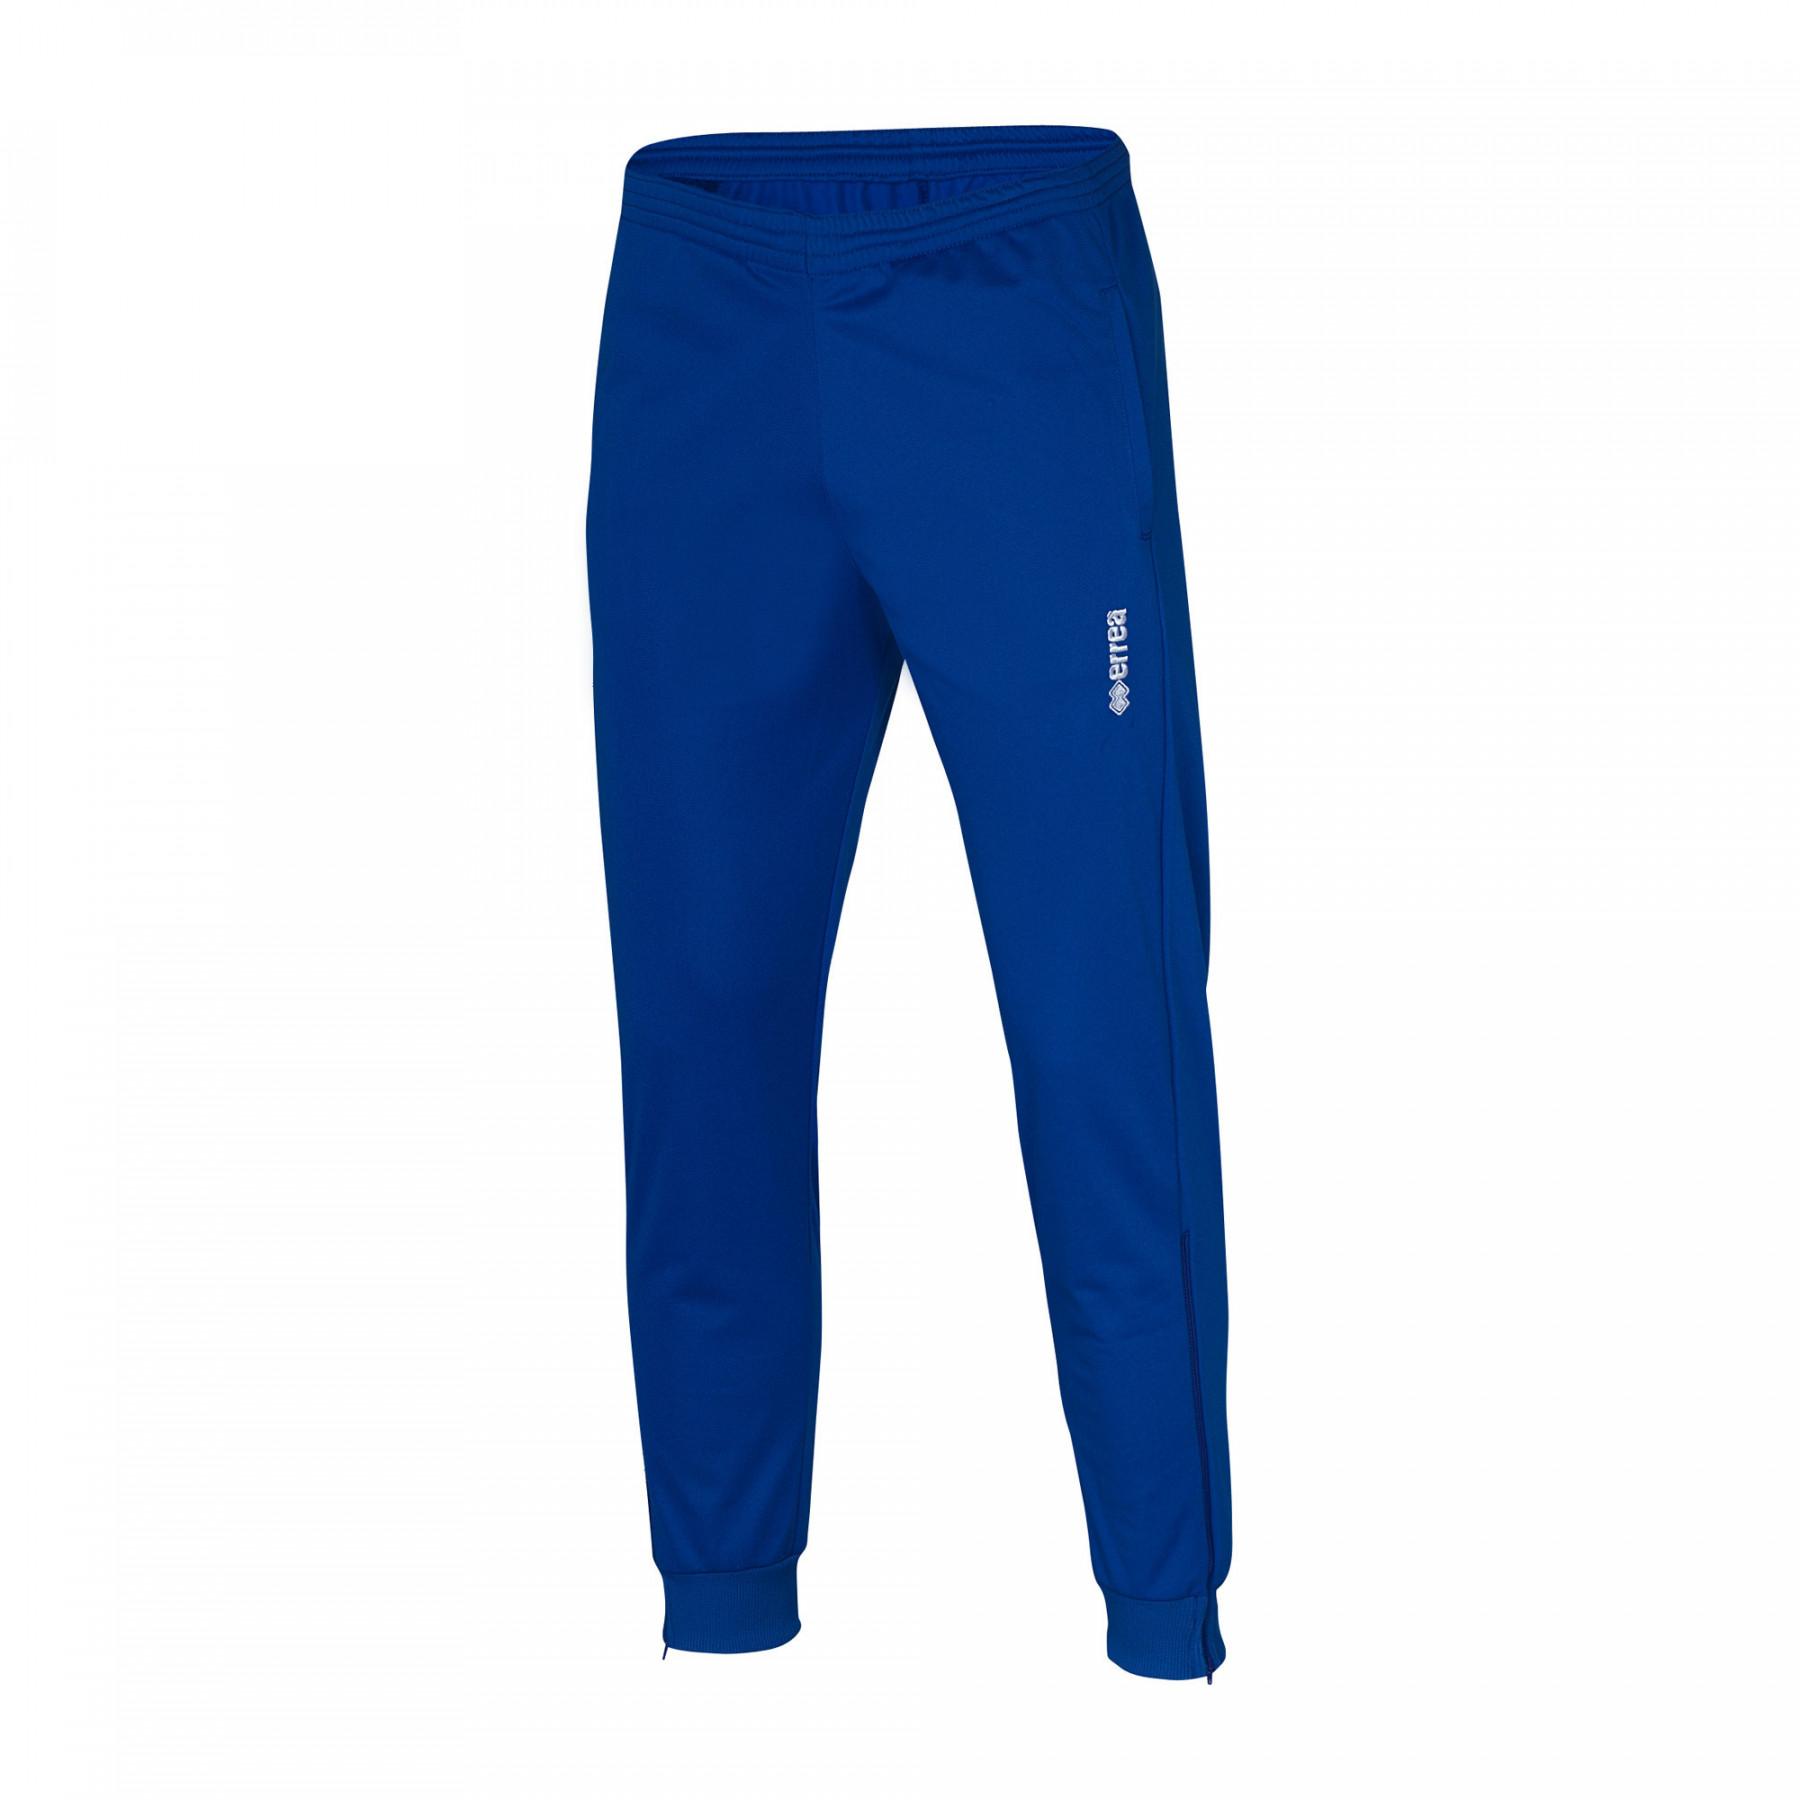 15_dp0p0z_bleu--0-0--8639d69e-db62-463f-9ab7-b026557e5712